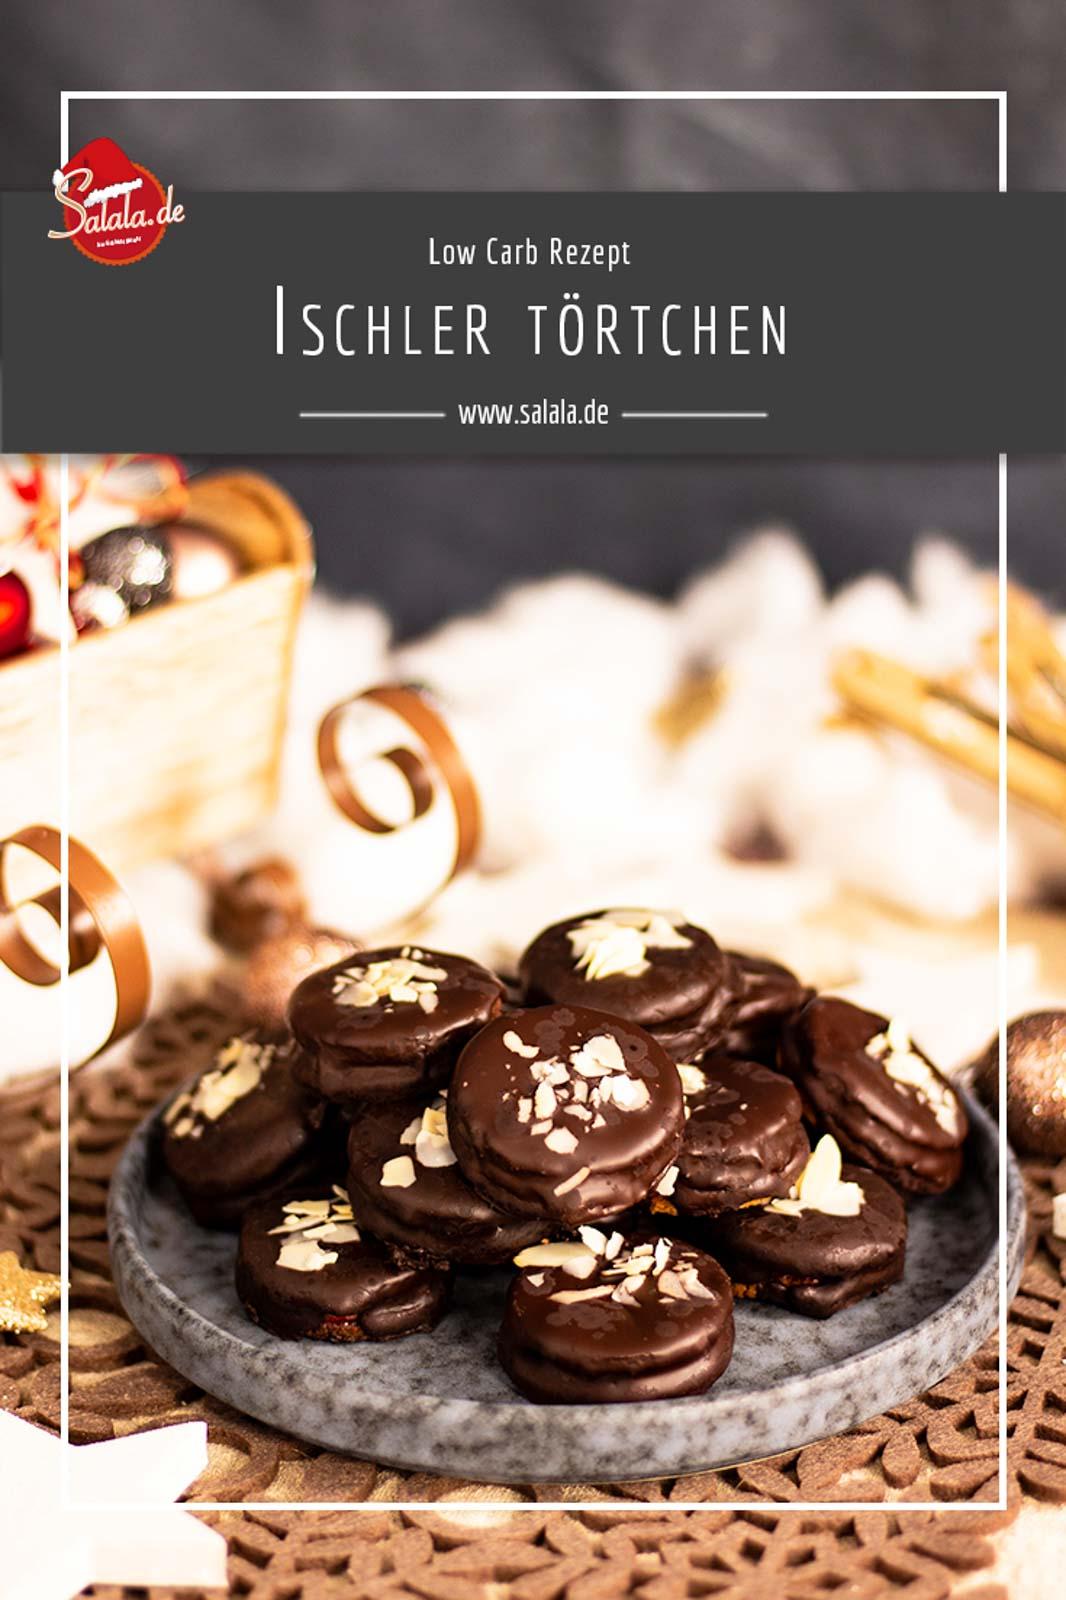 Ischler Törtchen mit Schokoladen-Buttercreme - by salala.de - ohne Zucker und ohne Mehl I Low Carb Plätzchen Rezept zu Weihnachten